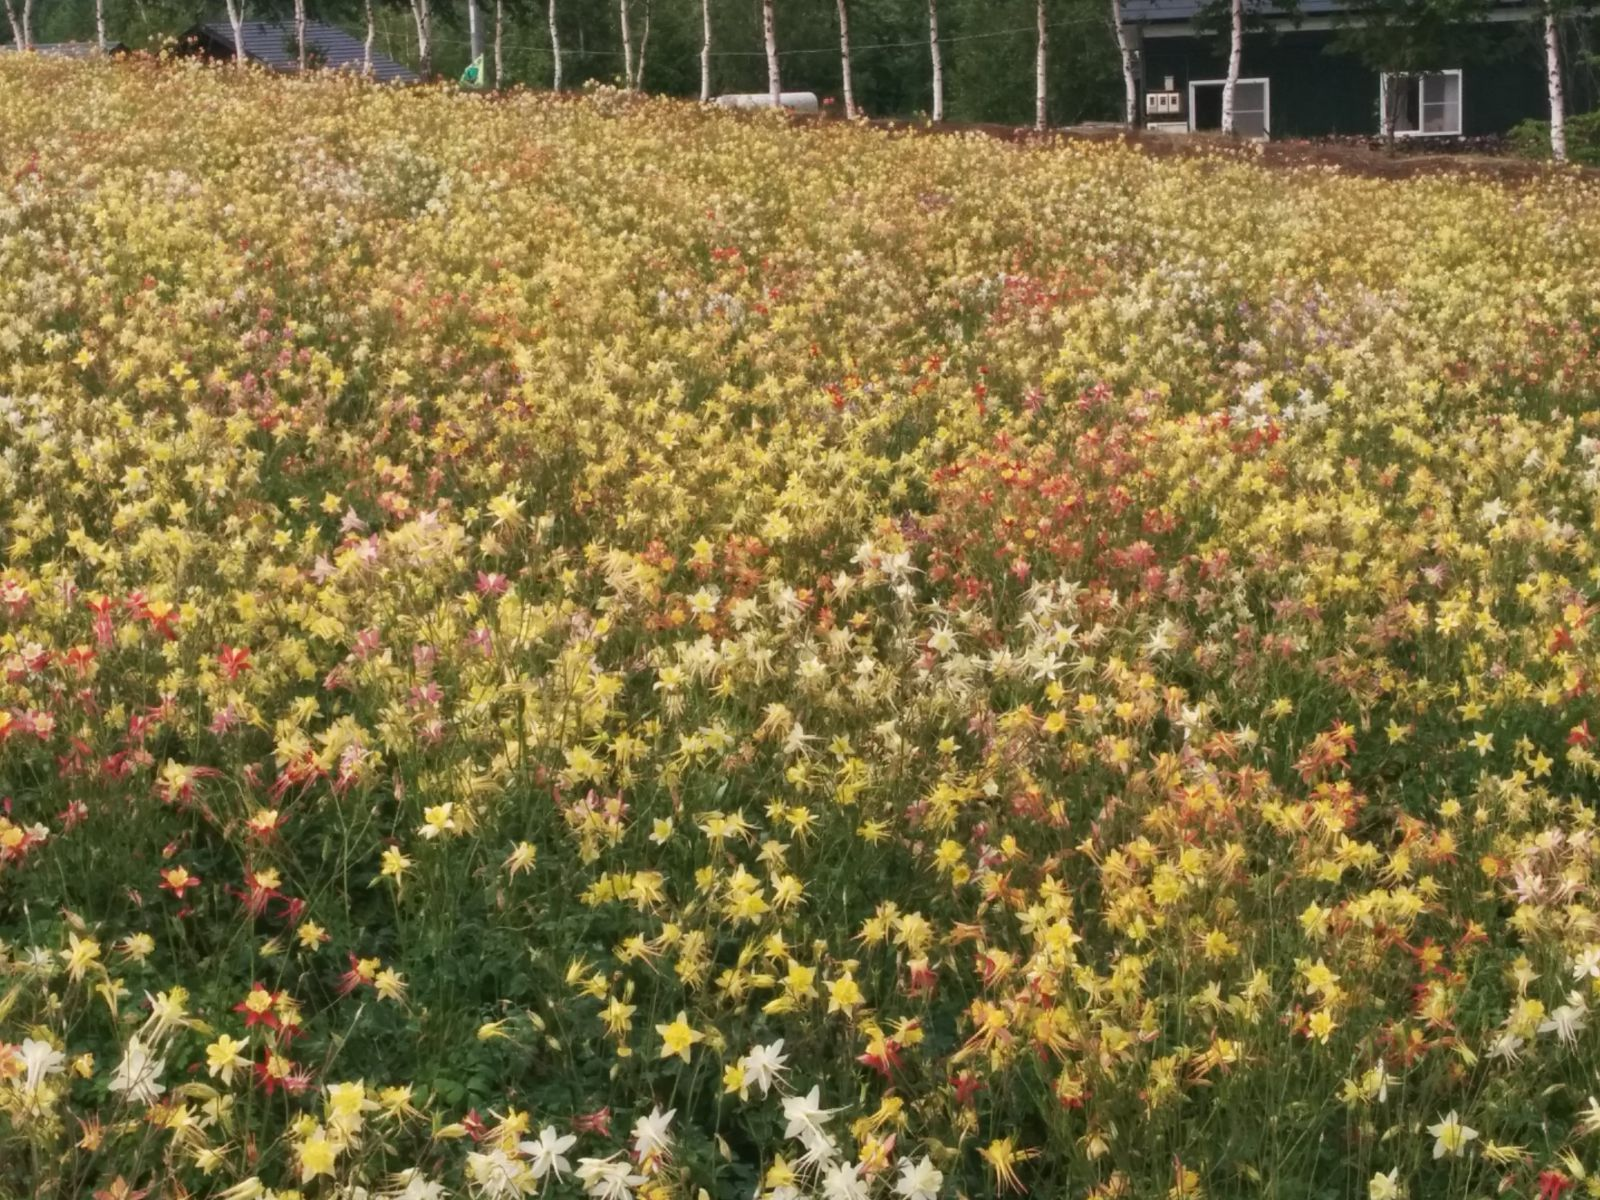 【美瑛町】四季彩の丘風景写真です。